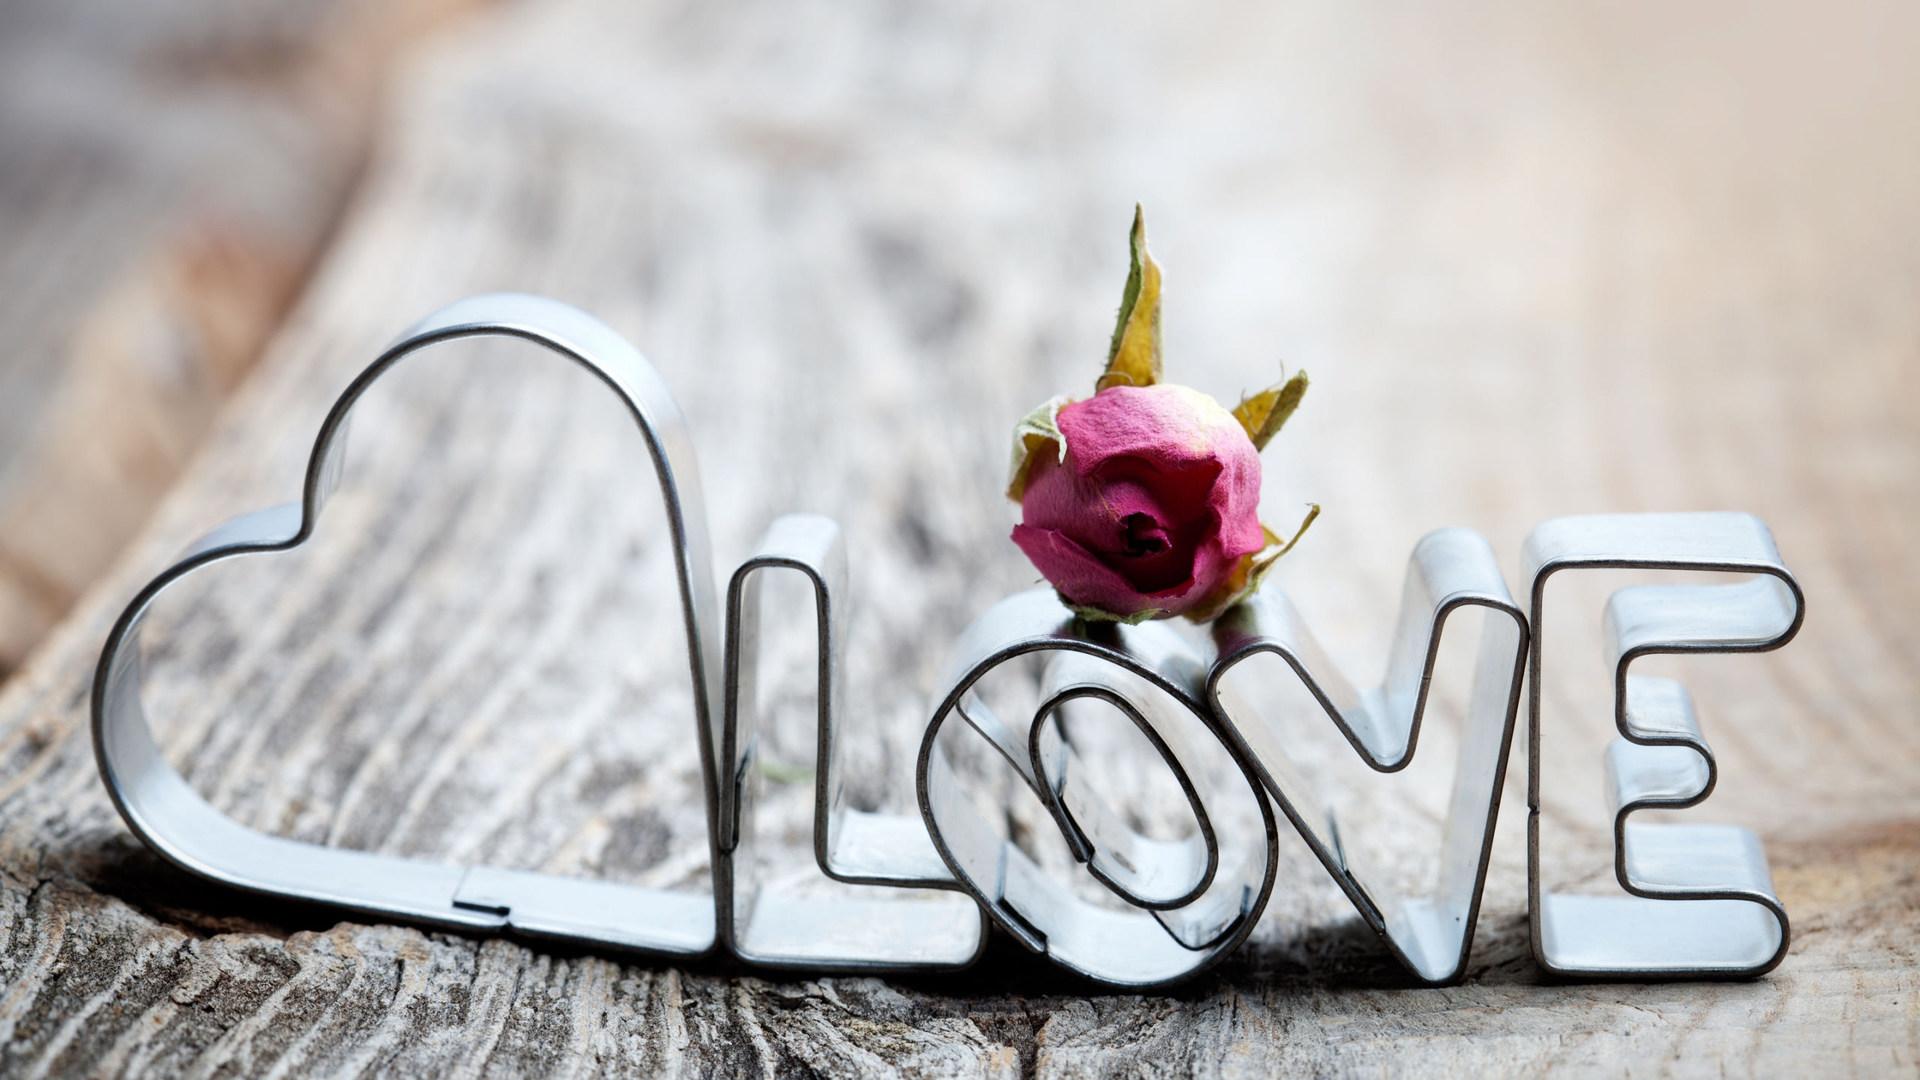 Скачать Обои Про Любовь